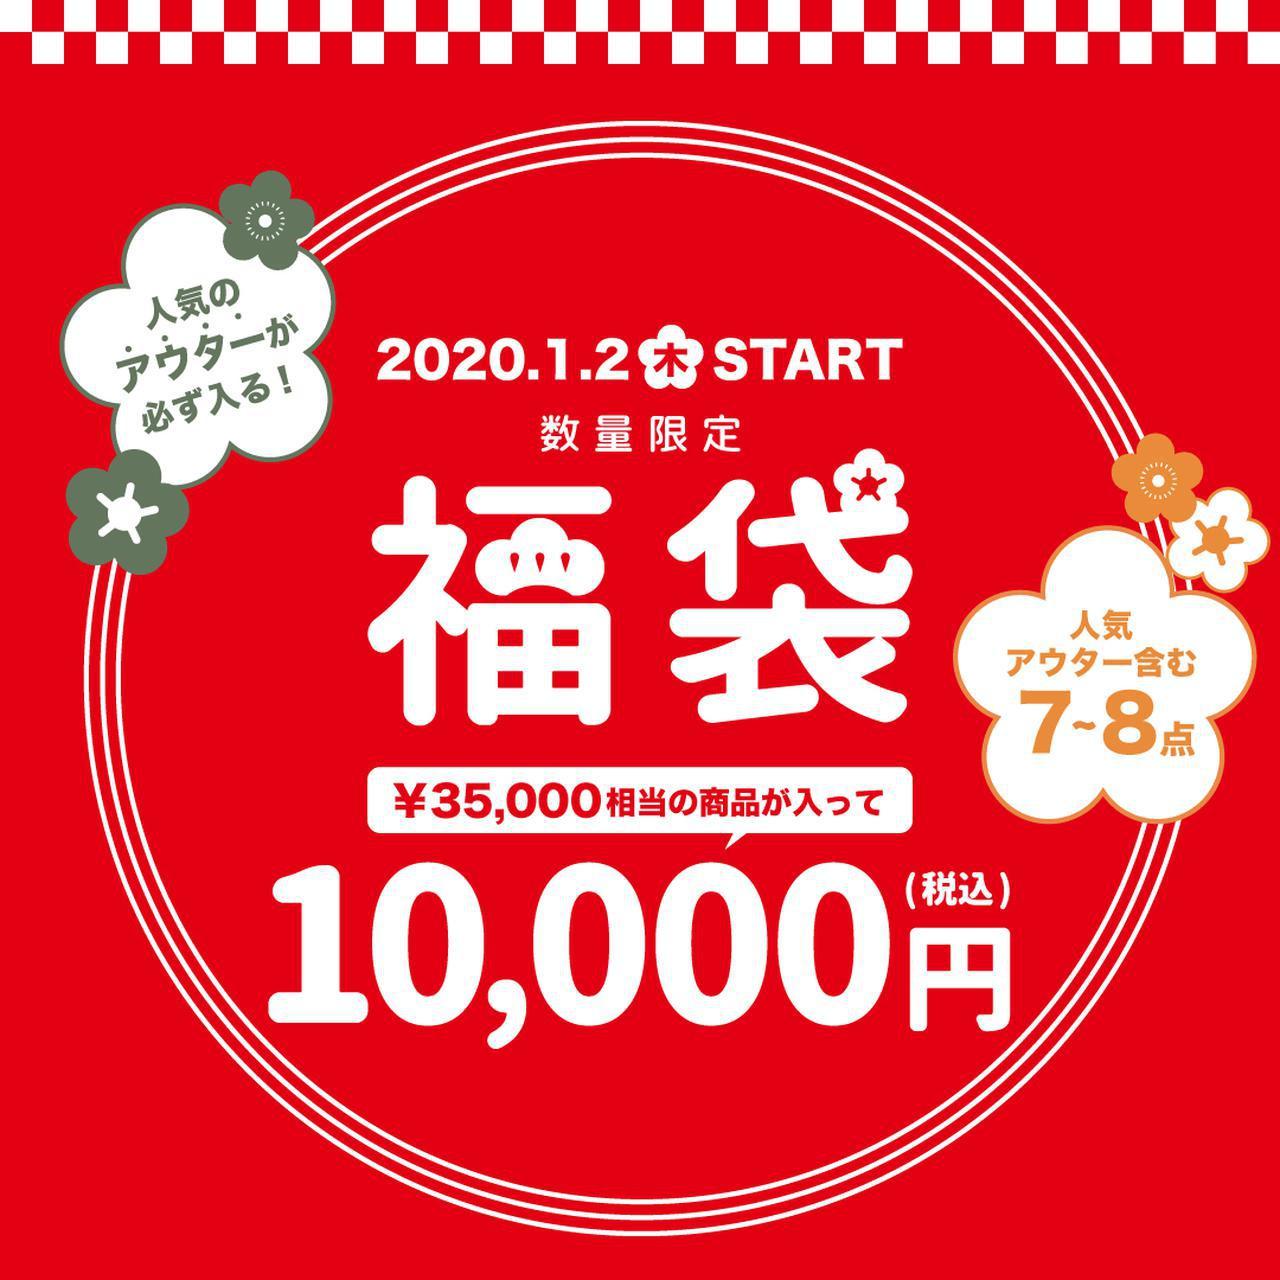 画像: 『DHOLIC』人気アウターが必ず入る!35,000円相当福袋